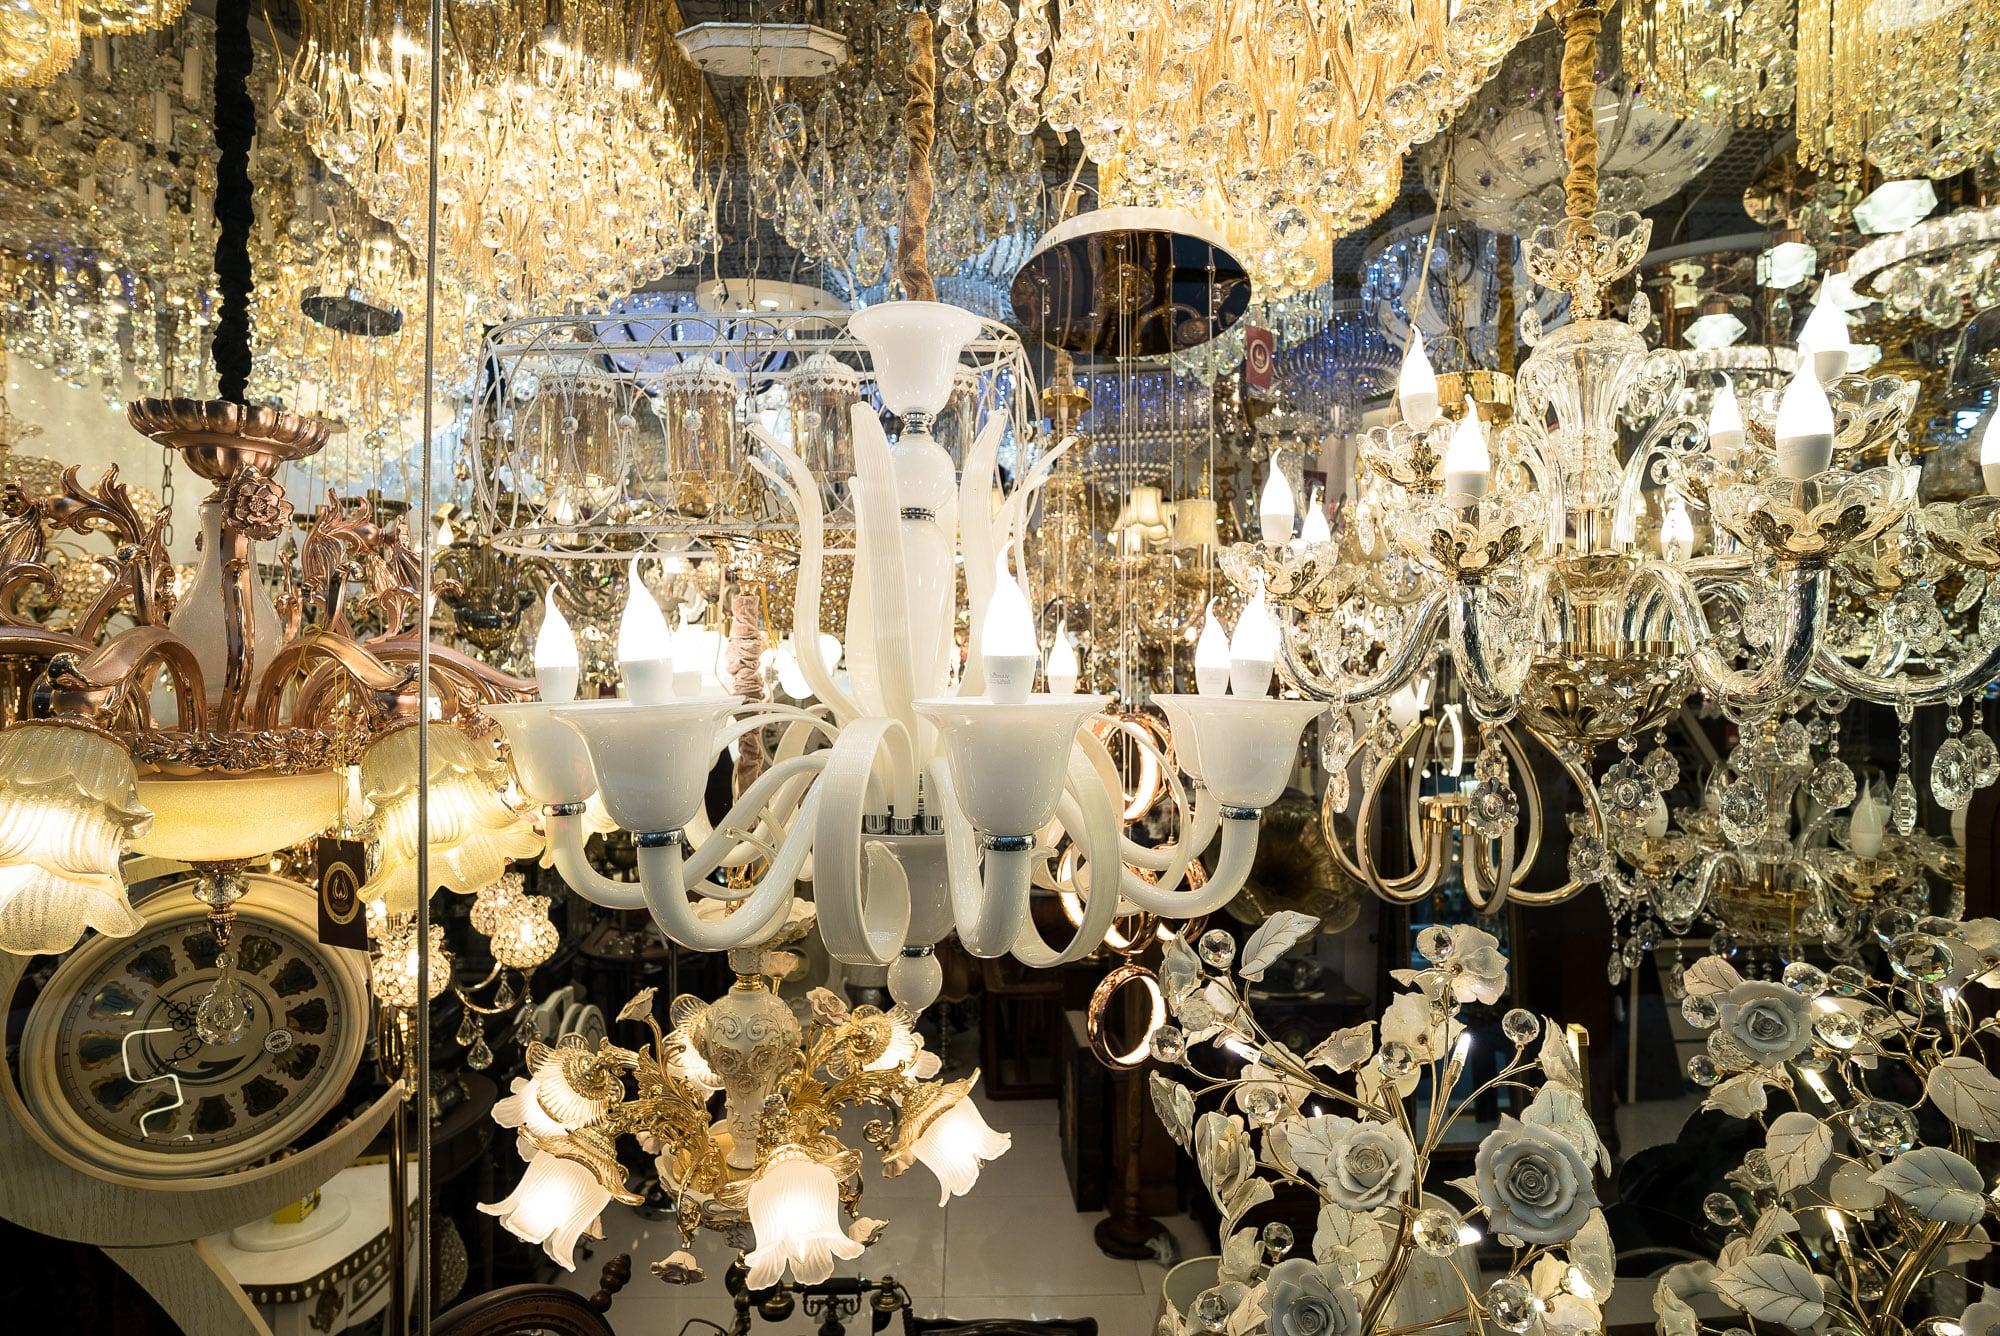 abundance of chandeliers